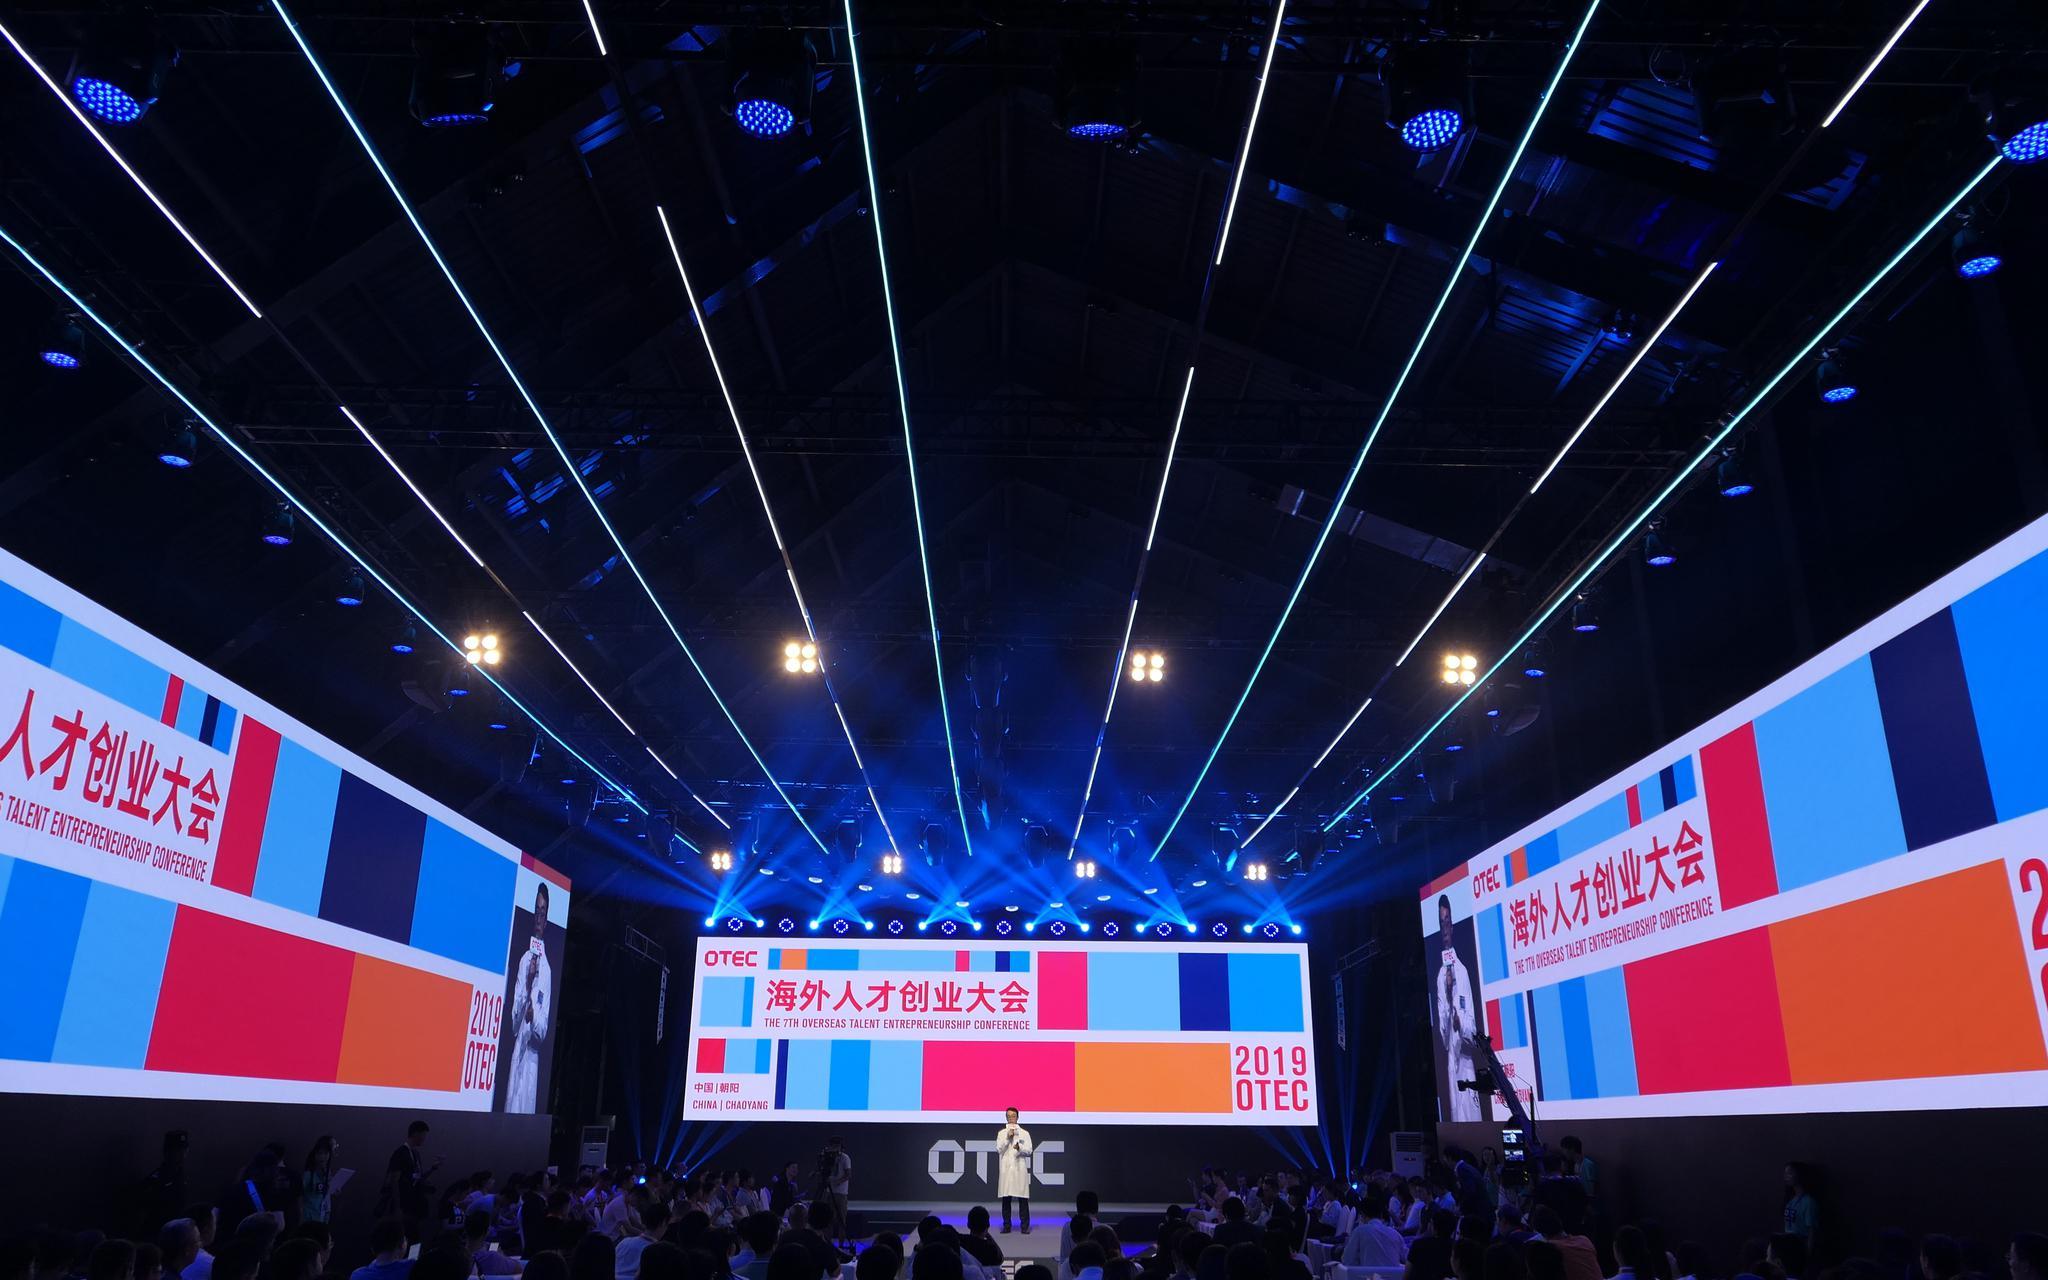 beats特别篇 北京朝阳海外人才创业大赛落幕,工业机器人项目夺冠